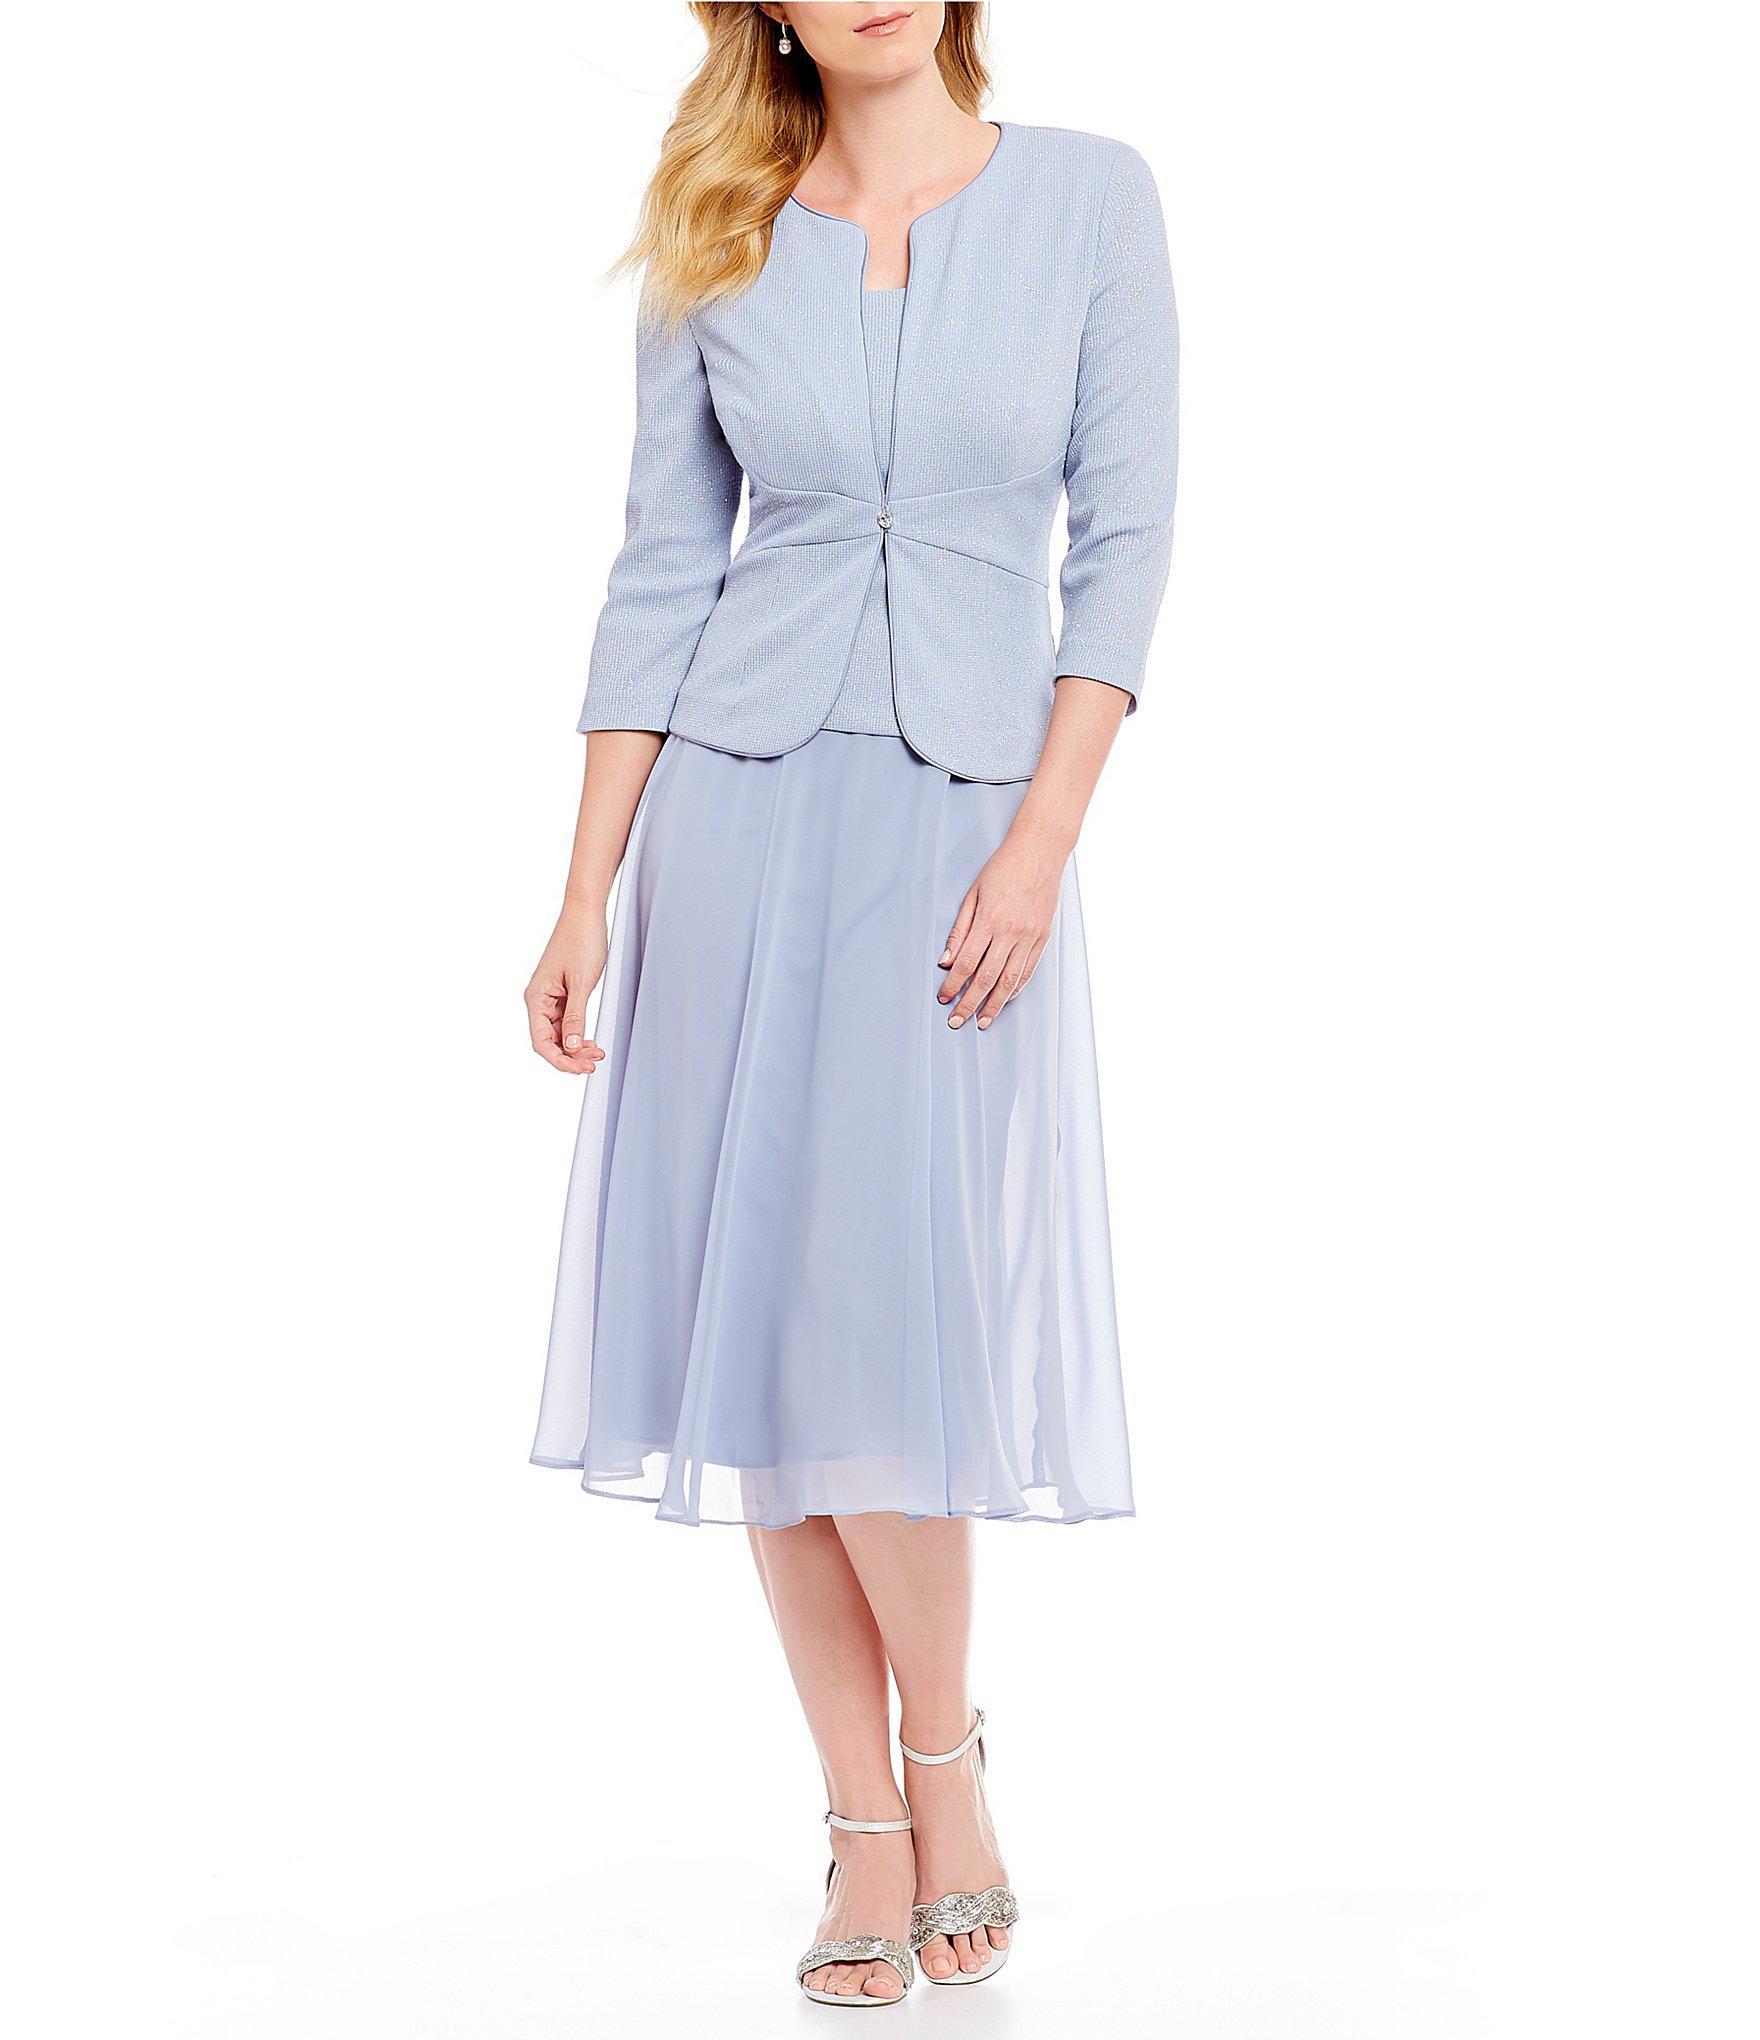 7e3624efdf Dillards Petite Short Formal Dresses